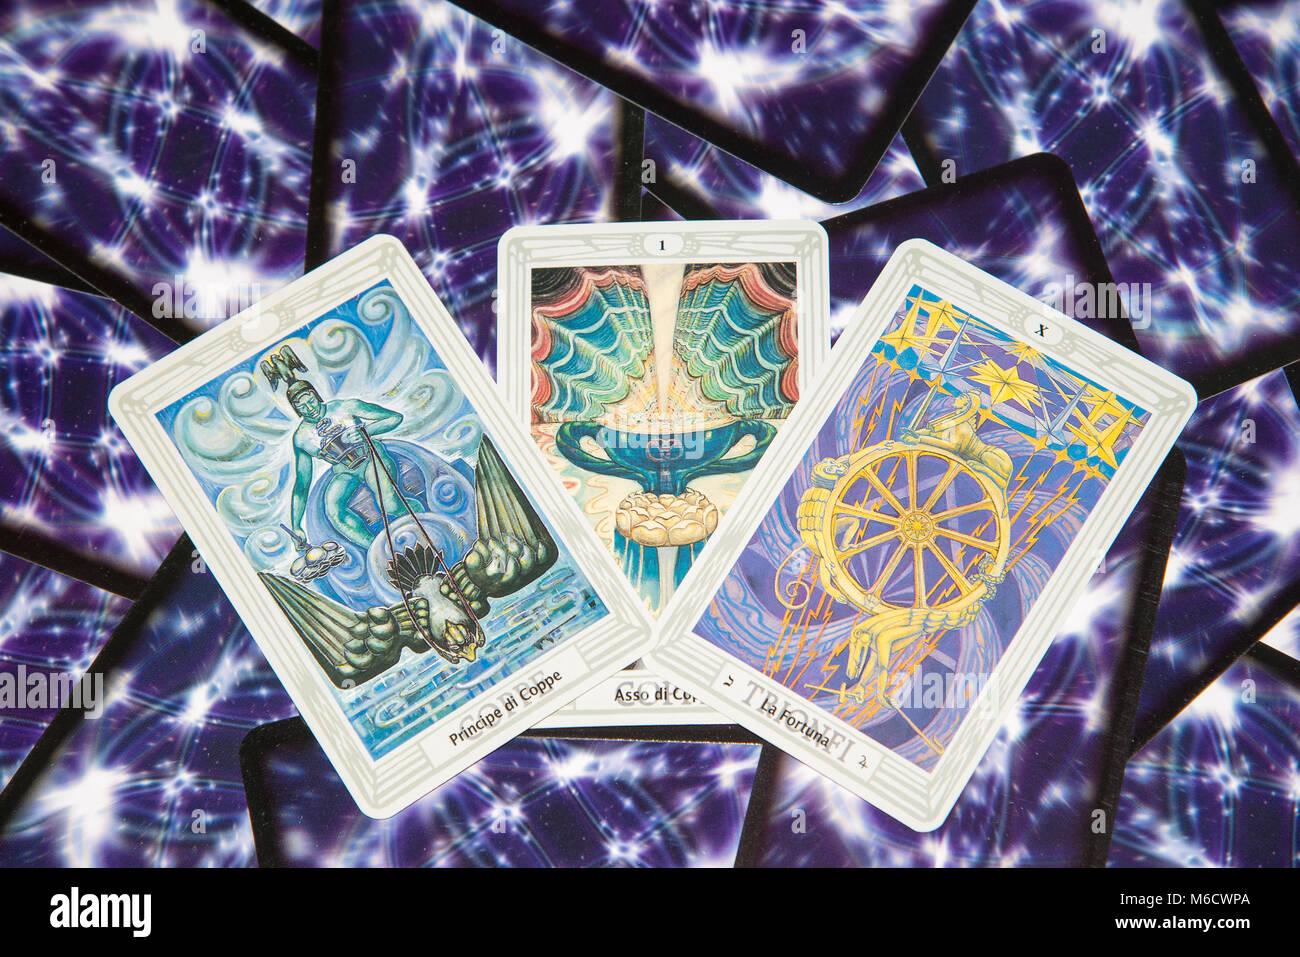 Thoth Tarot Stock Photos & Thoth Tarot Stock Images - Alamy